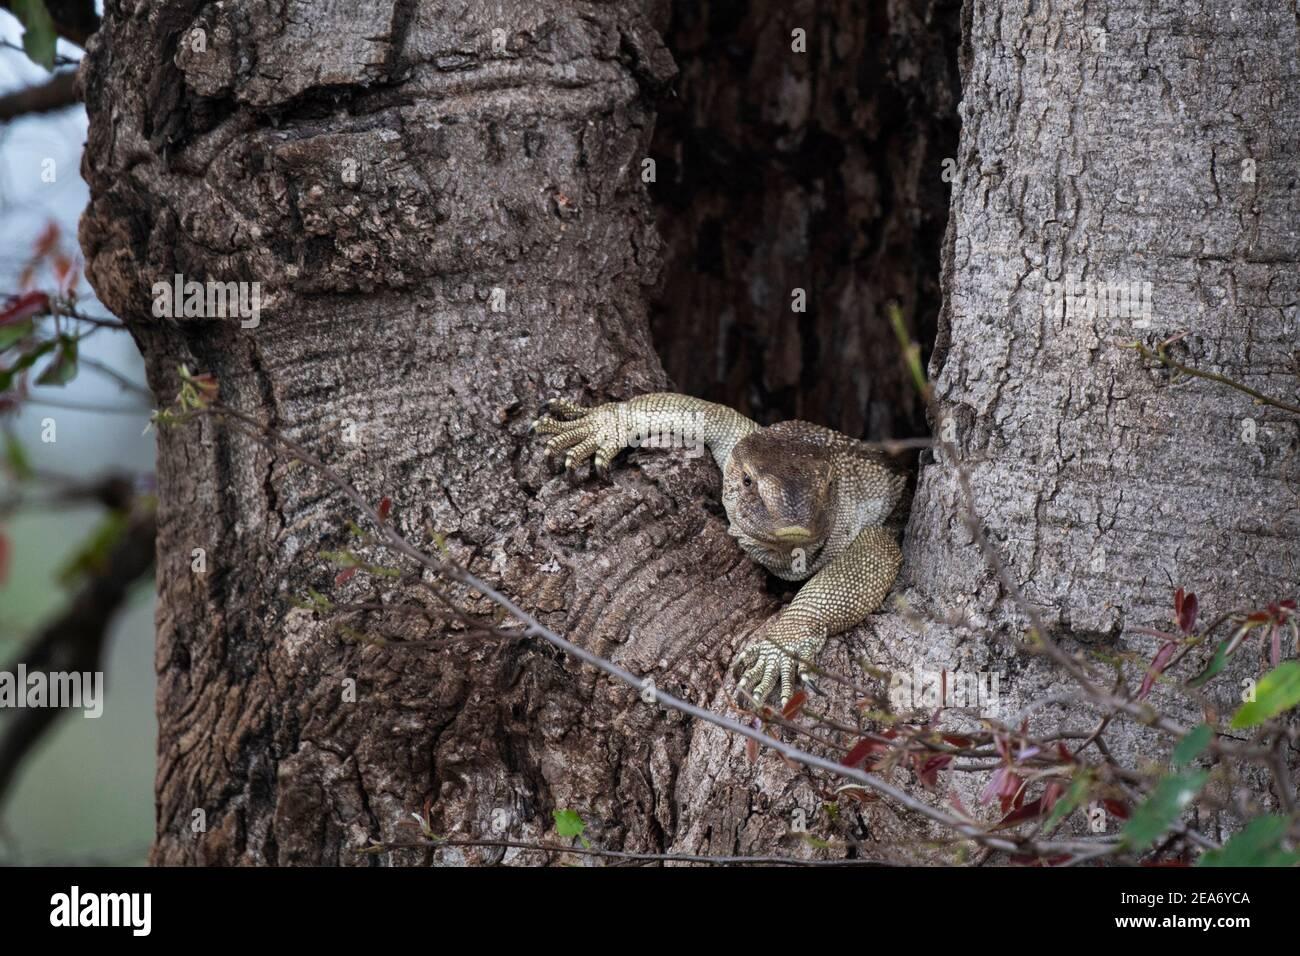 Monitor del Nilo sentado en un árbol, Vanellus niloticus, Parque Nacional Kruger, Sudáfrica Foto de stock